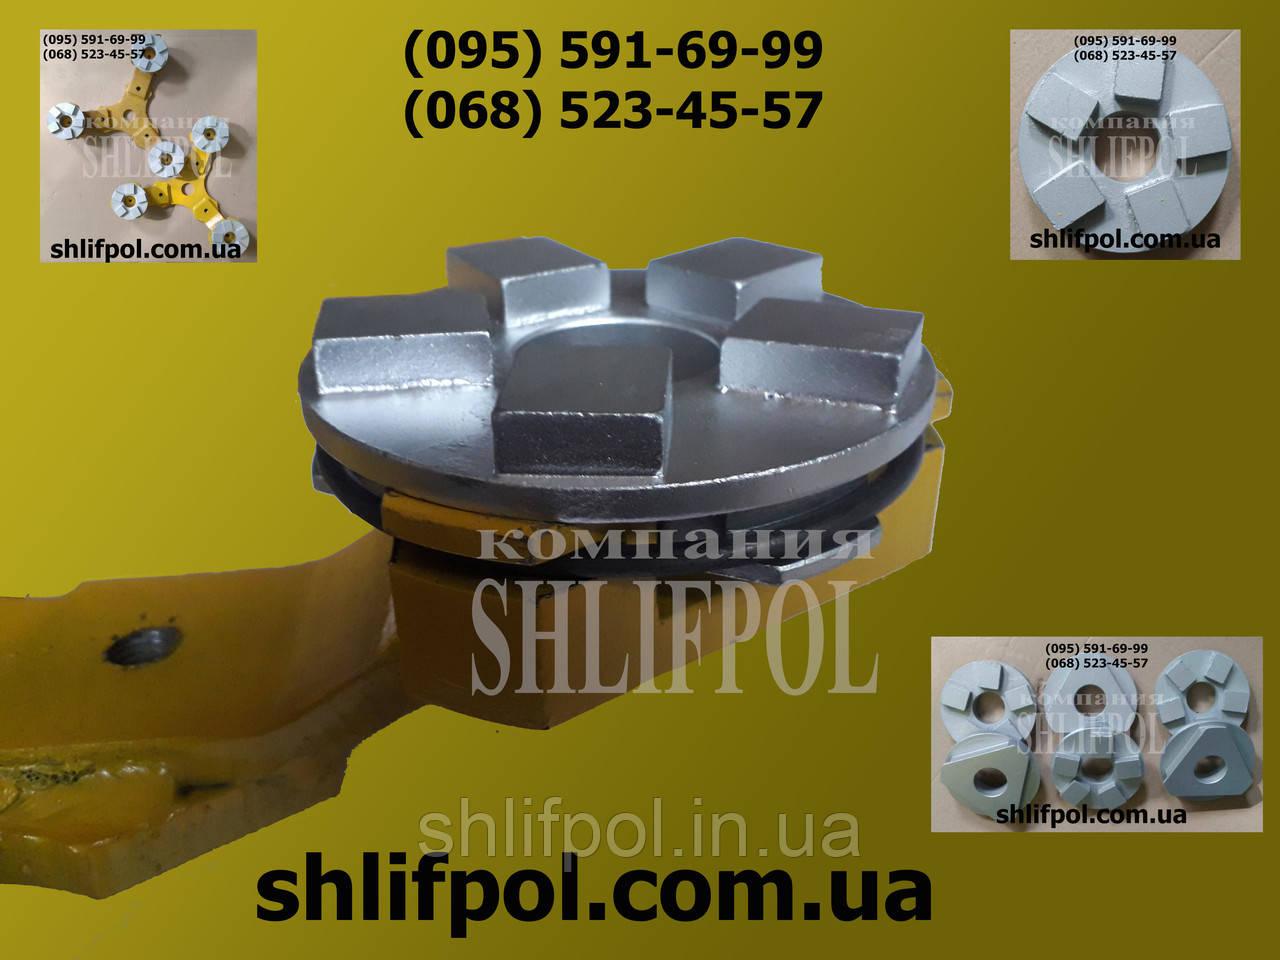 Фреза для бетона на мозаично-шлифовальную машину СО 199